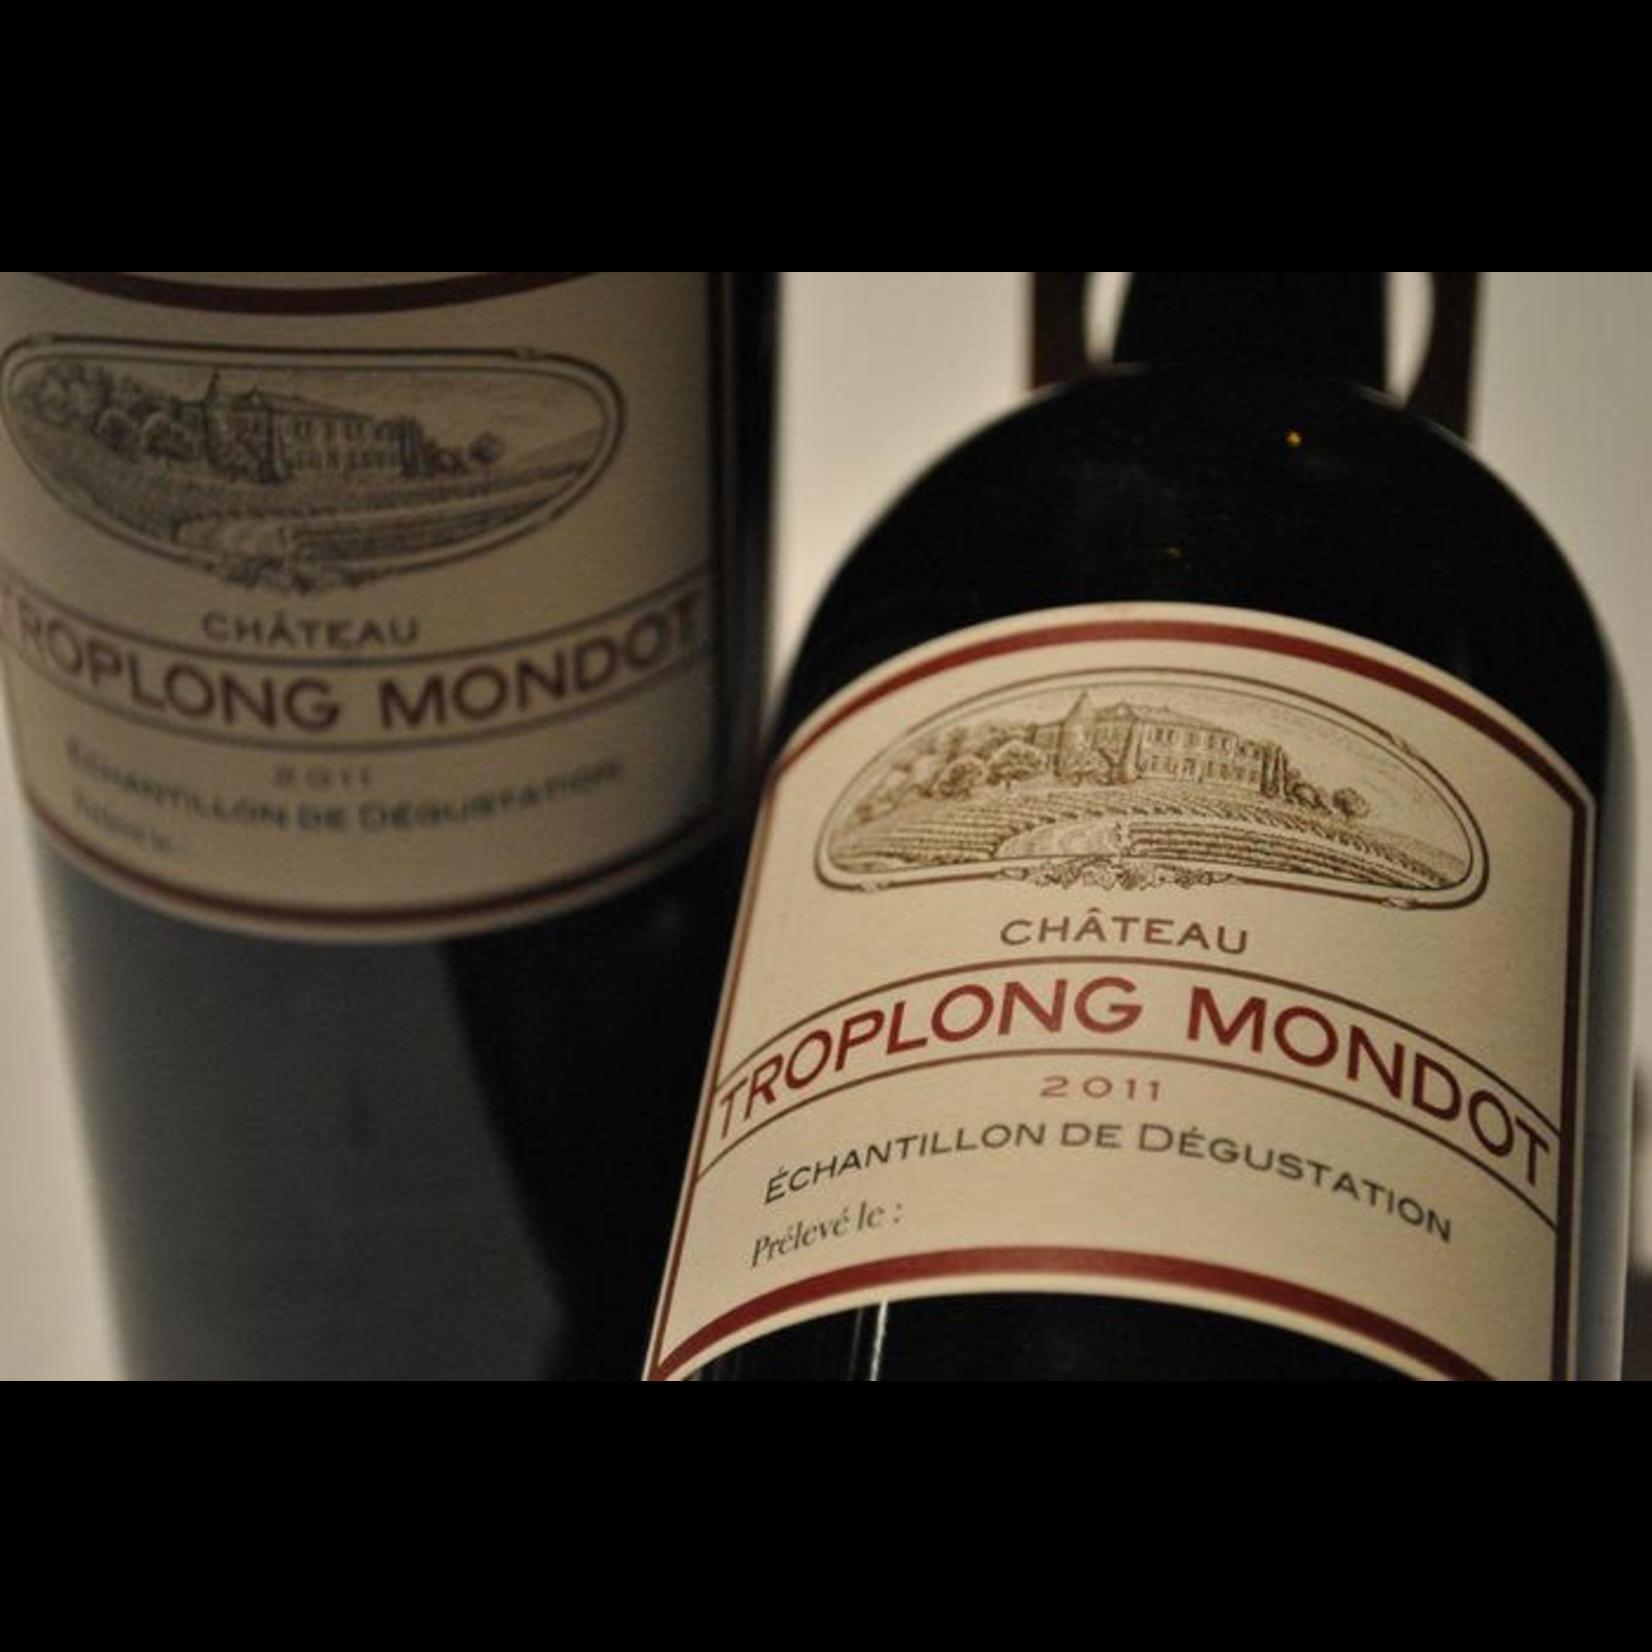 Wine Chateau Troplong Mondot Saint Emilion 2011